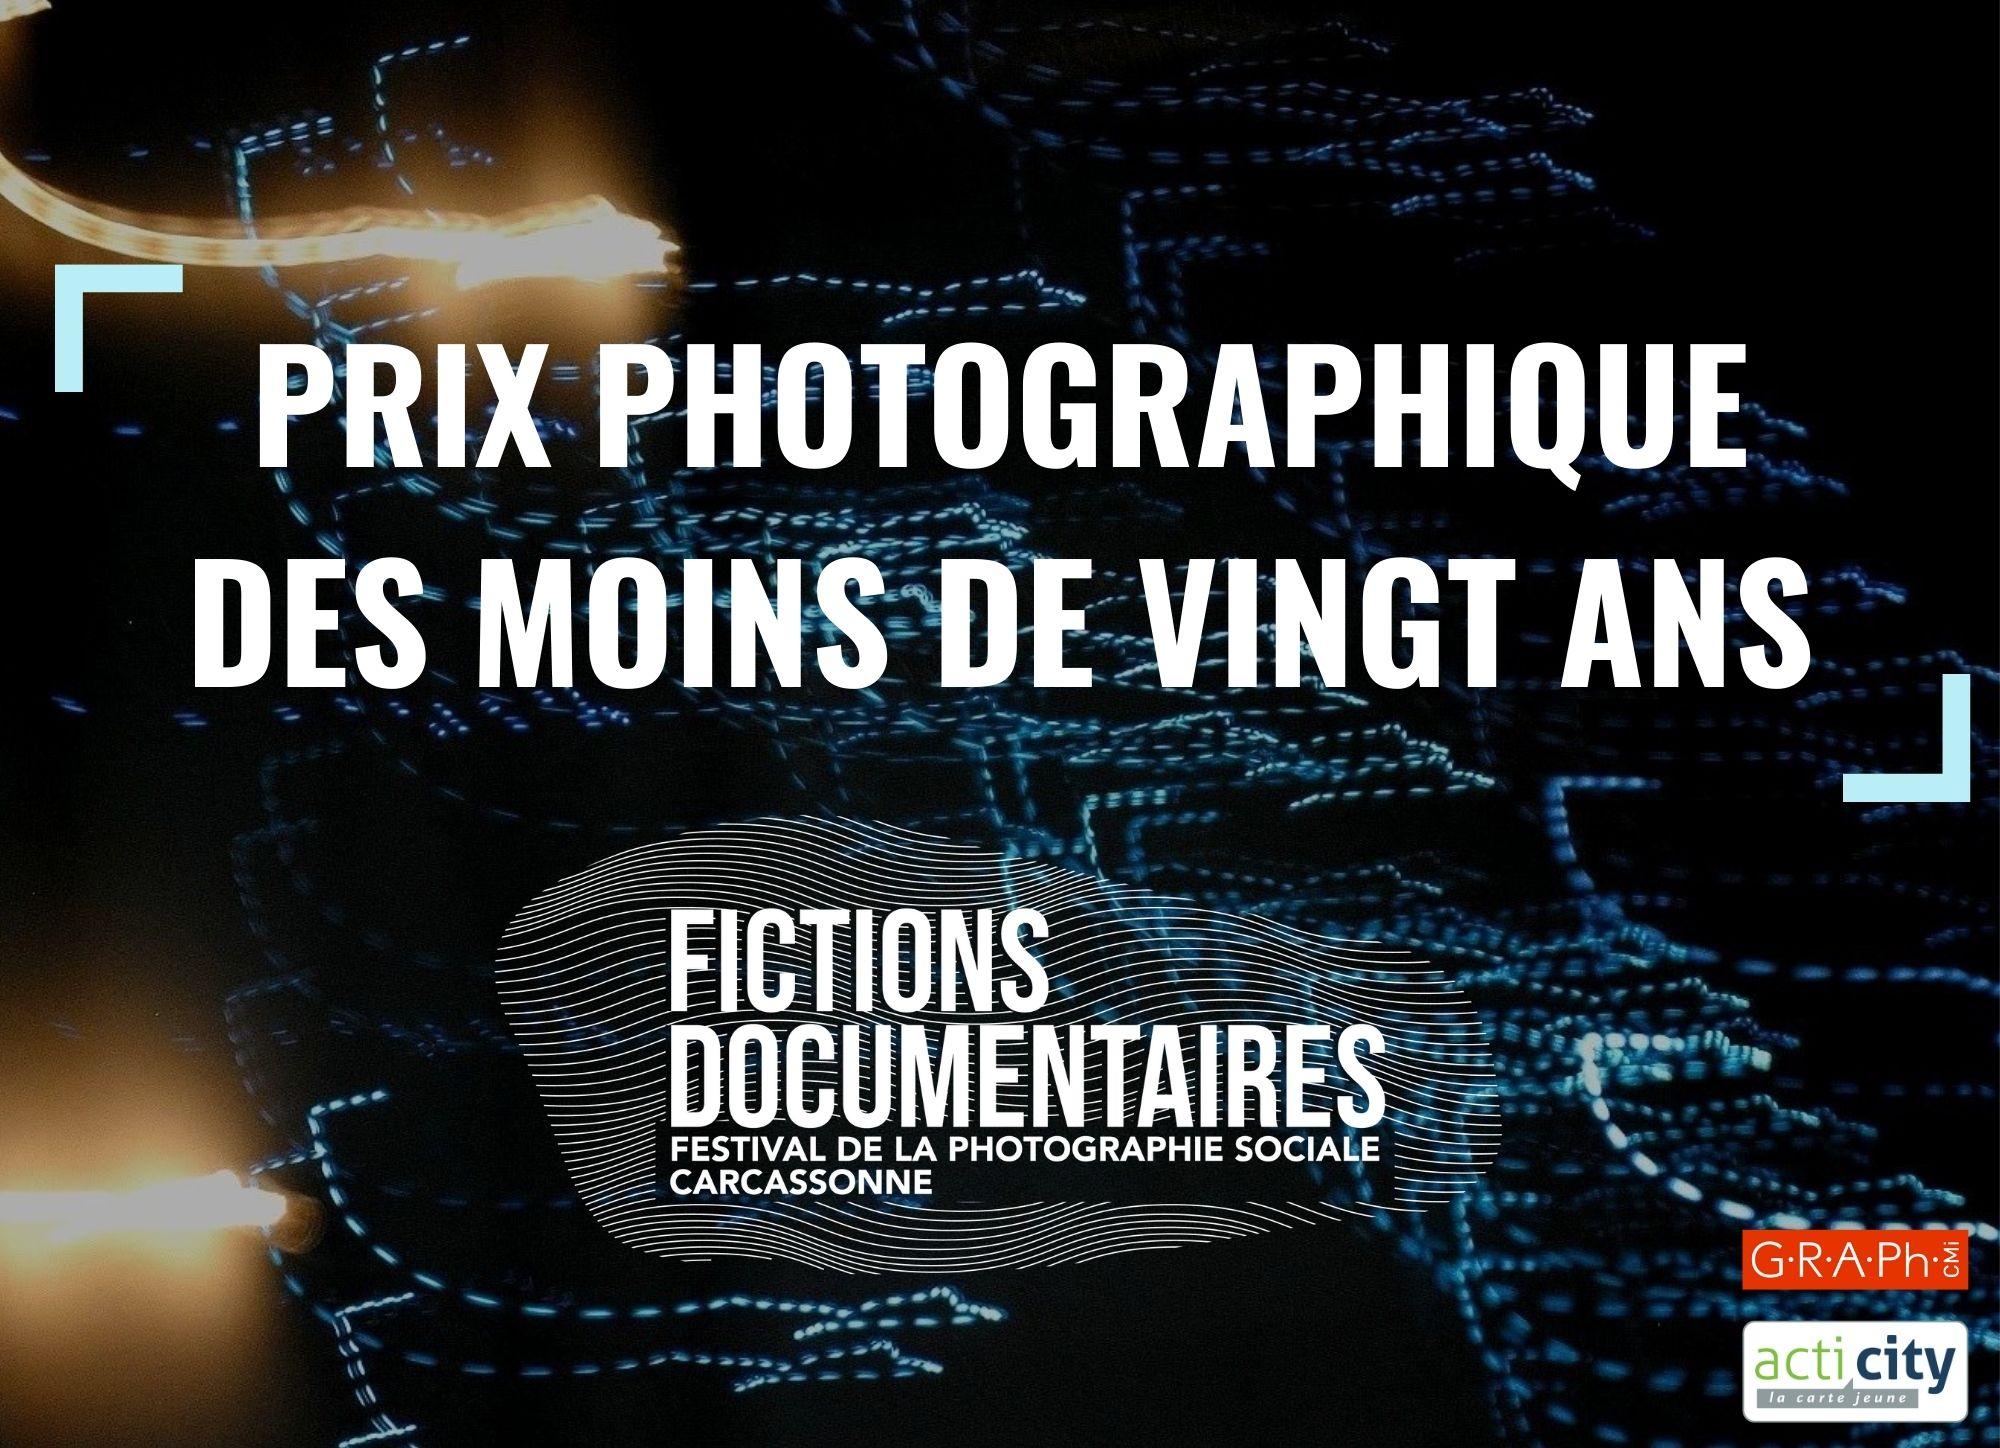 PRIX PHOTOGRAPHIQUE DES MOINS DE VINGT ANS